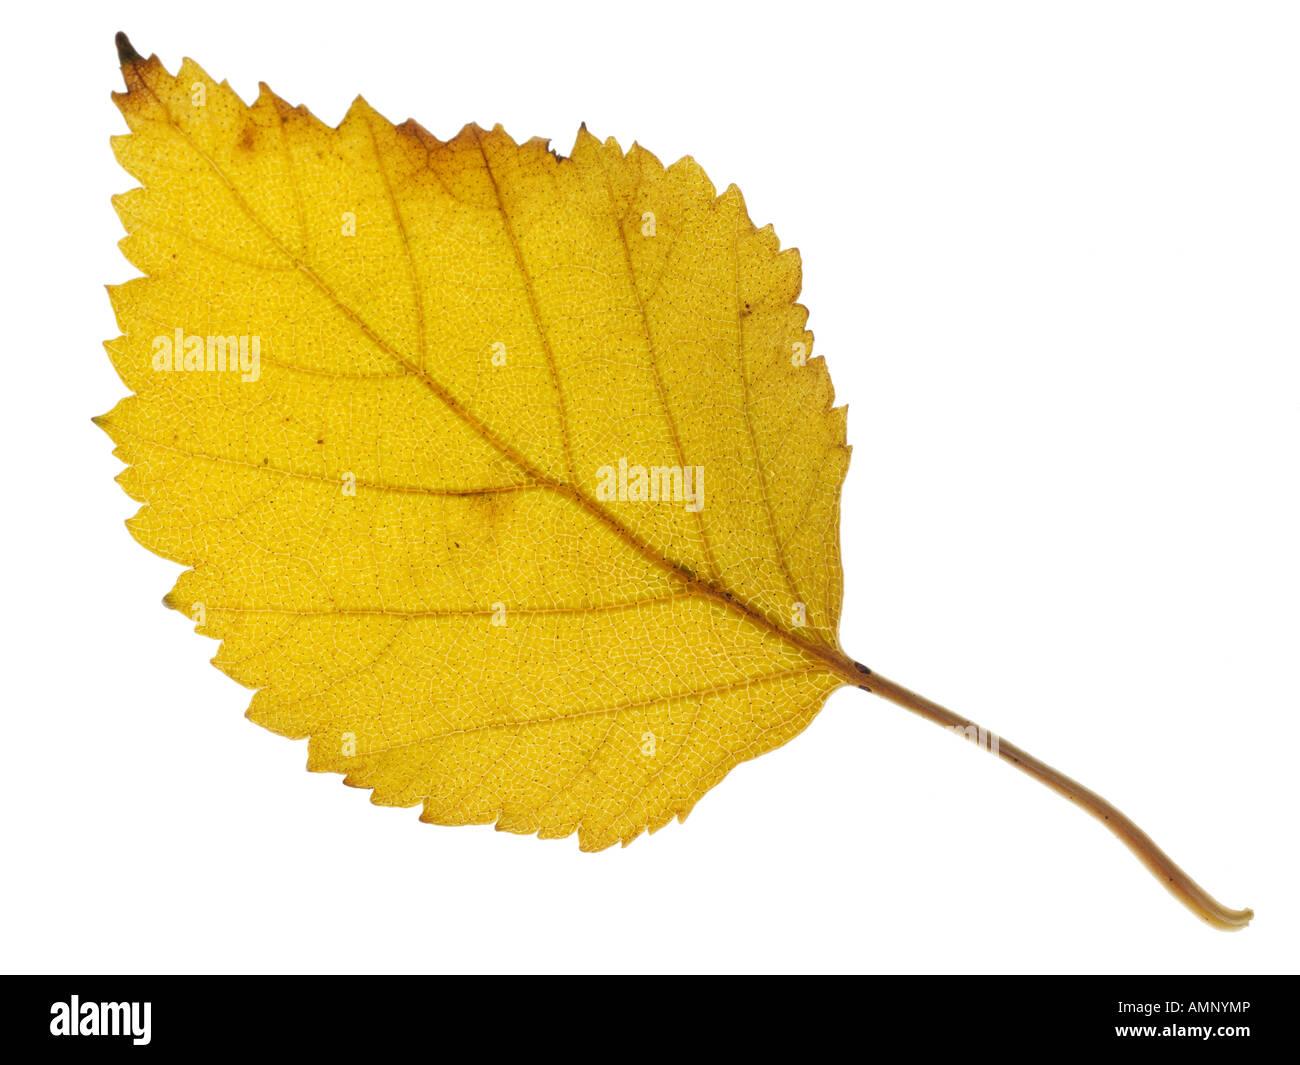 Feuille d'automne. Seule feuille d'automne contre blanc. Couleurs et de textures naturelles. Photo Stock